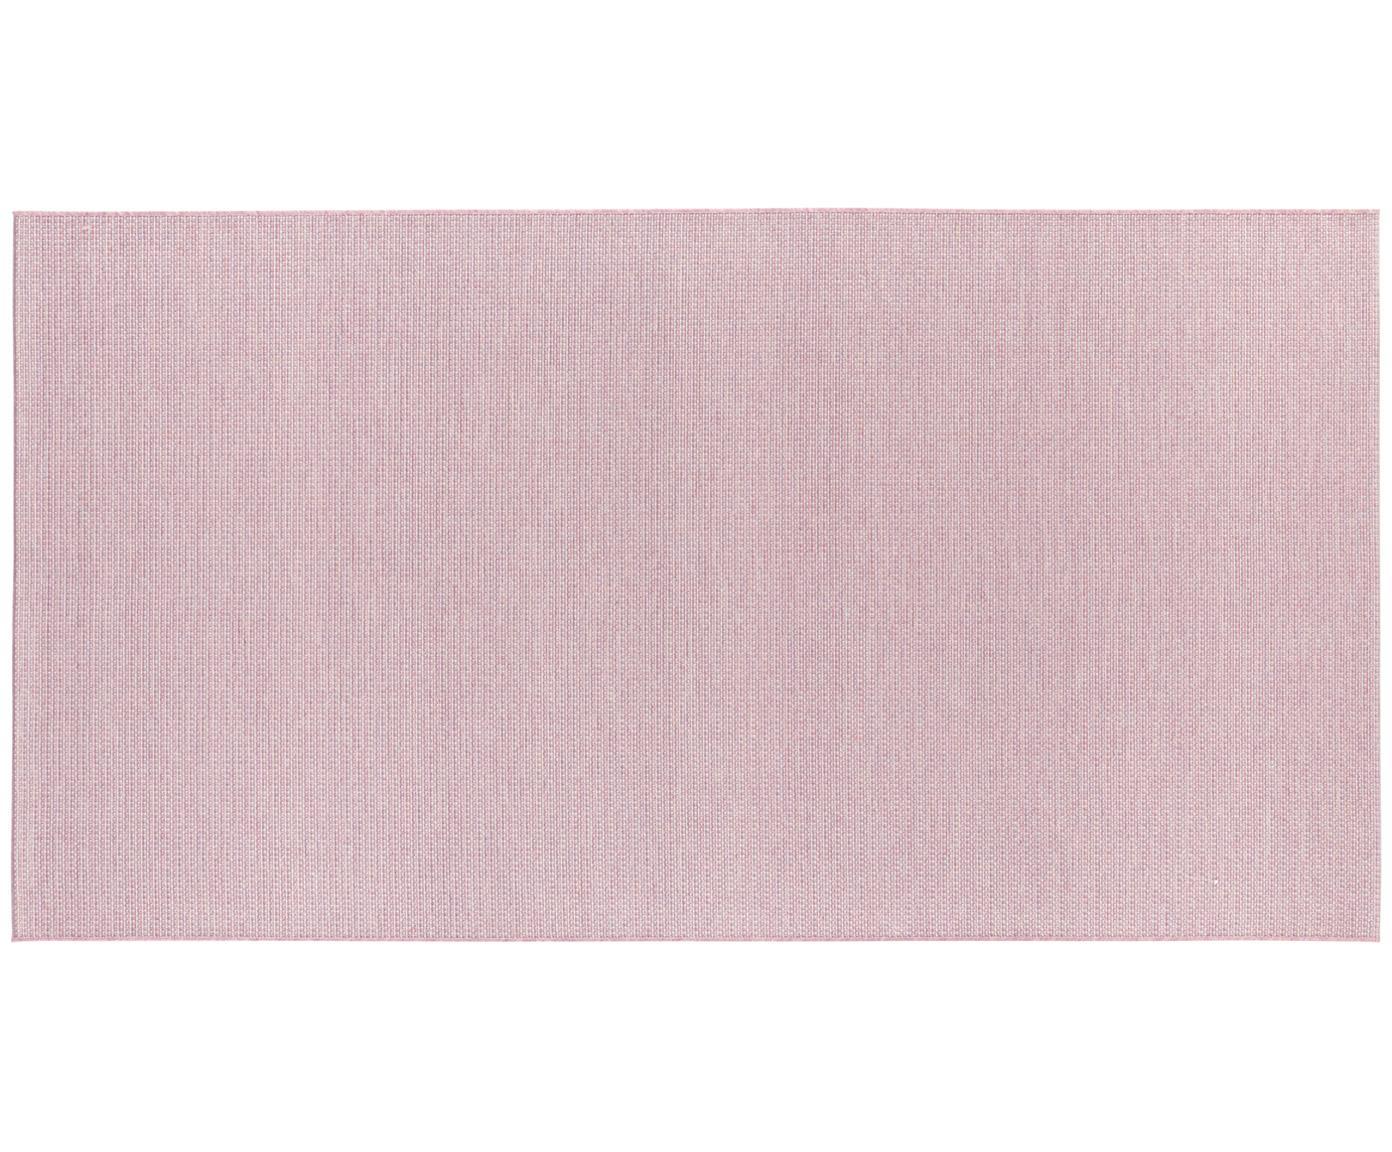 Tappeto da interno-esterno Millau, 100% polipropilene, Rosa, Larg. 80 x Lung. 150 cm (taglia XS)